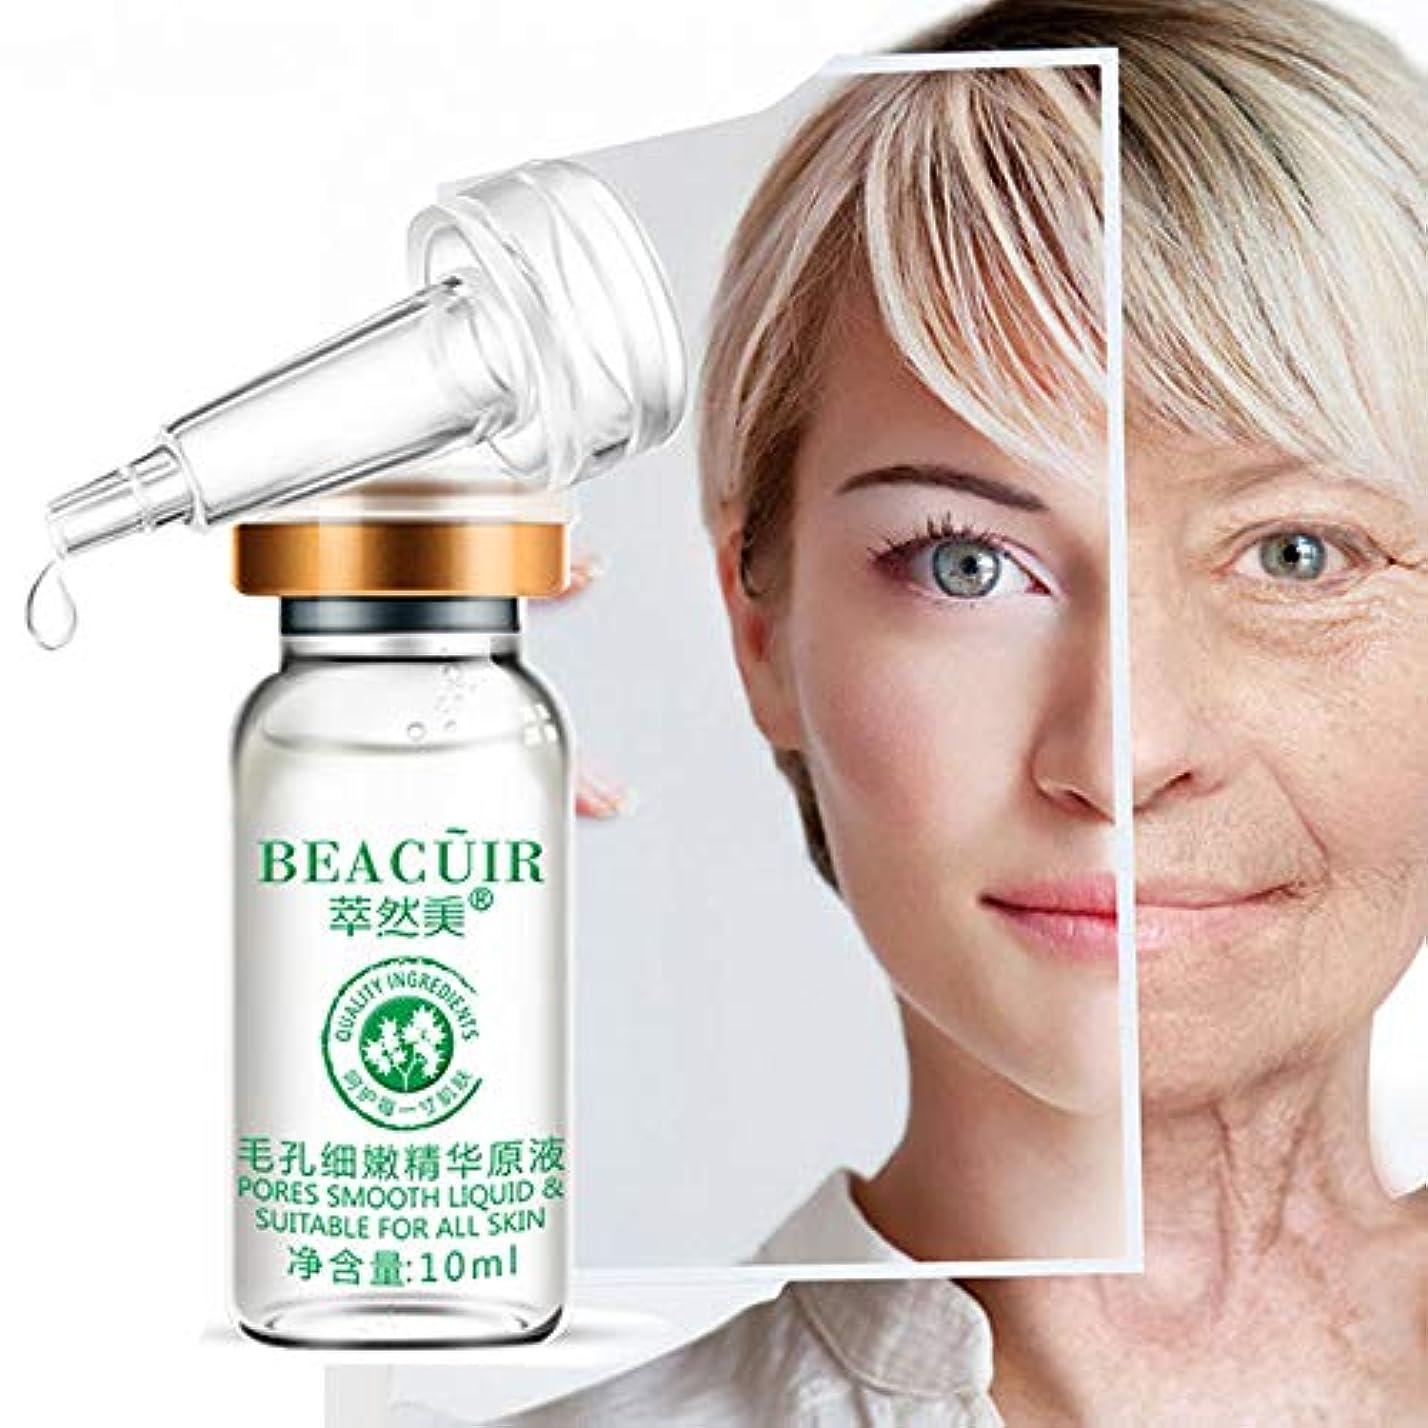 ホラー状最大Akane BEACUIR 天然 水分 肌の明るさ 修復 美白 繊細 しわ取り 毛穴縮小 保湿 黒ずみ 角質除去 肌荒れ防止 くすんだ肌を改善し エッセンス 10ml